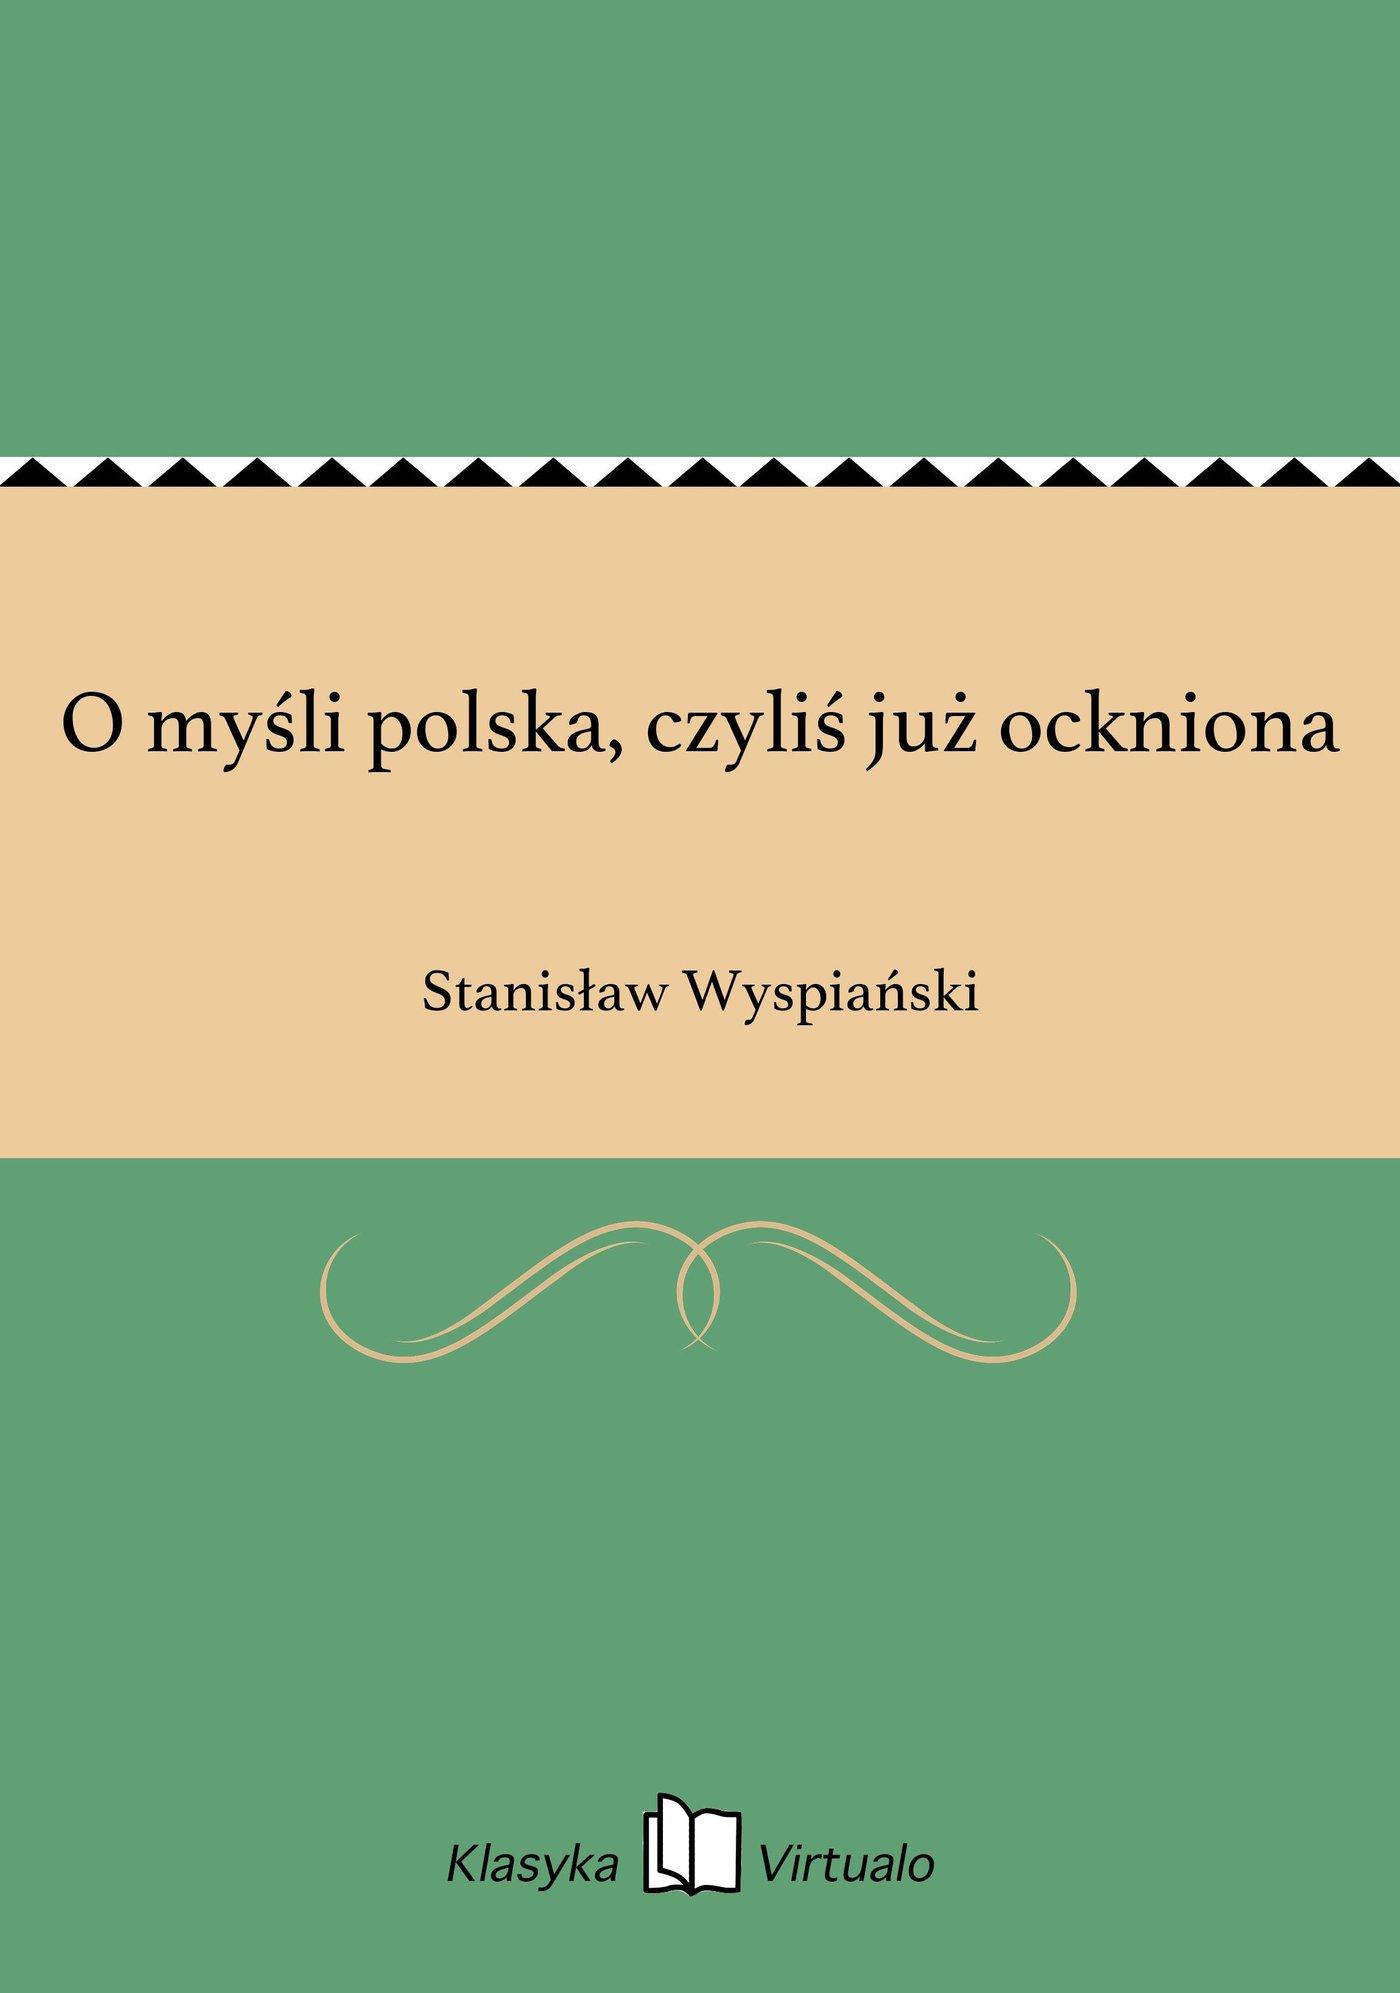 O myśli polska, czyliś już ockniona - Ebook (Książka EPUB) do pobrania w formacie EPUB